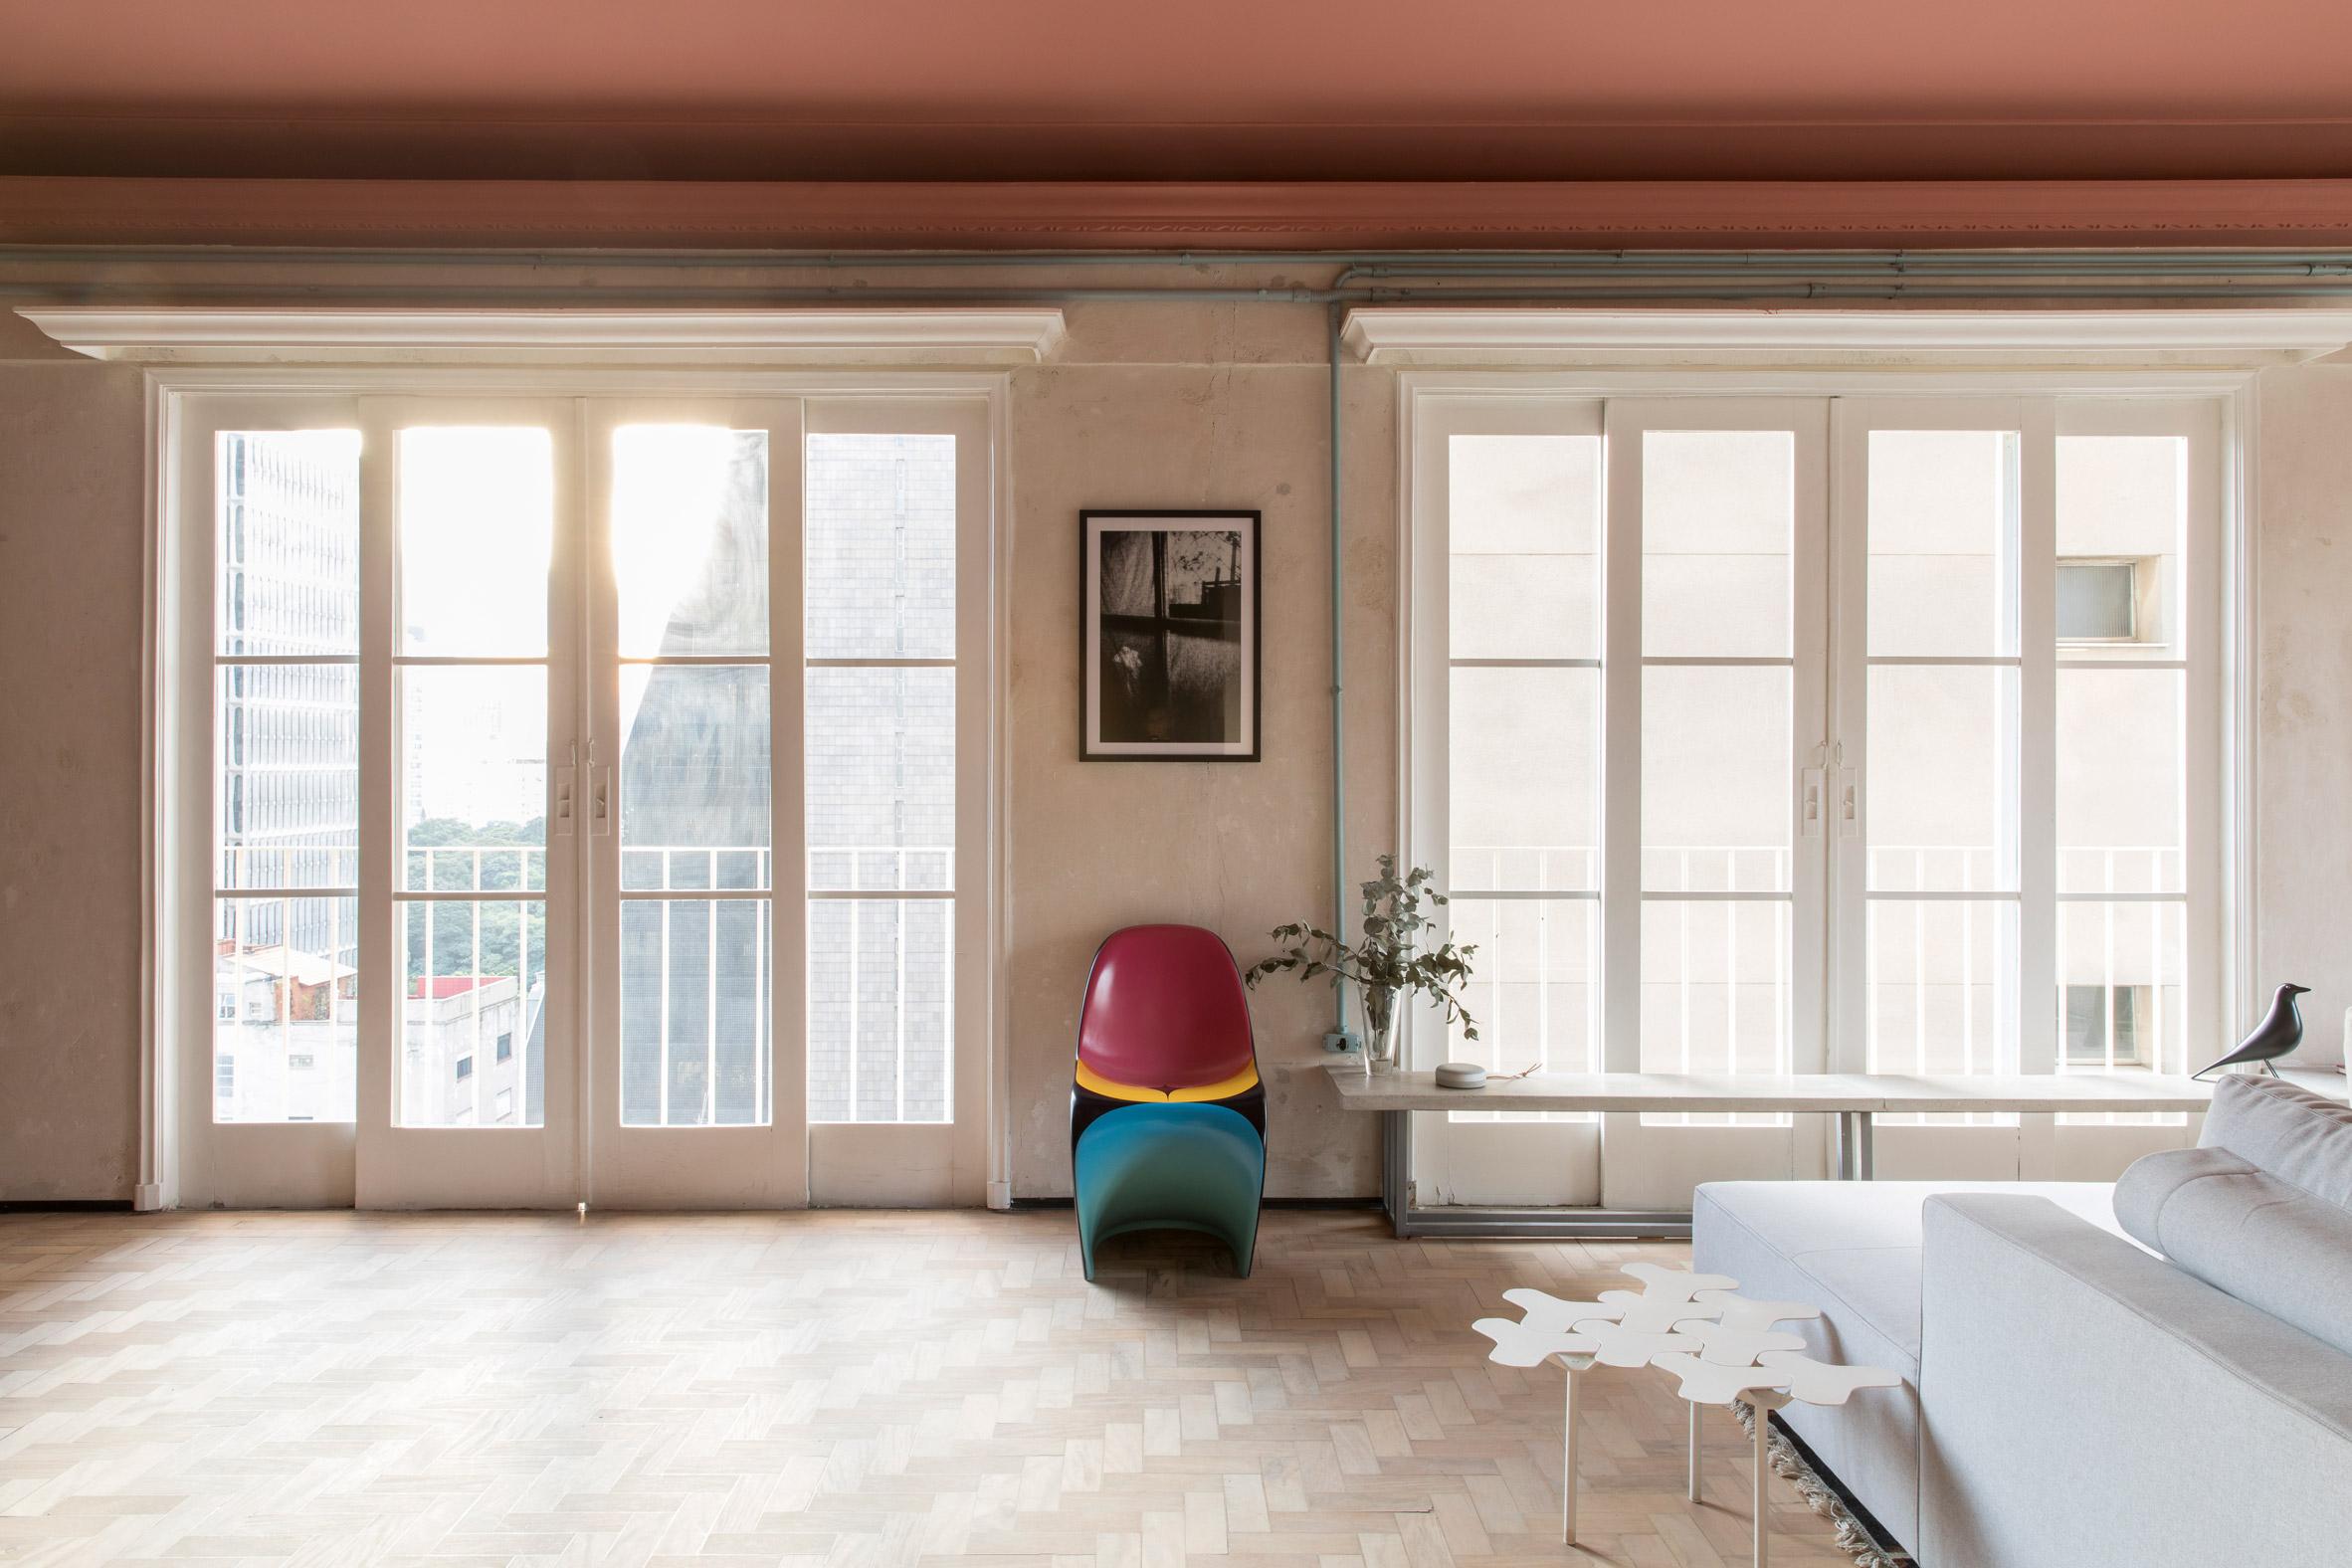 Thiết kế nội thất căn hộ 3 phòng ngủ 9